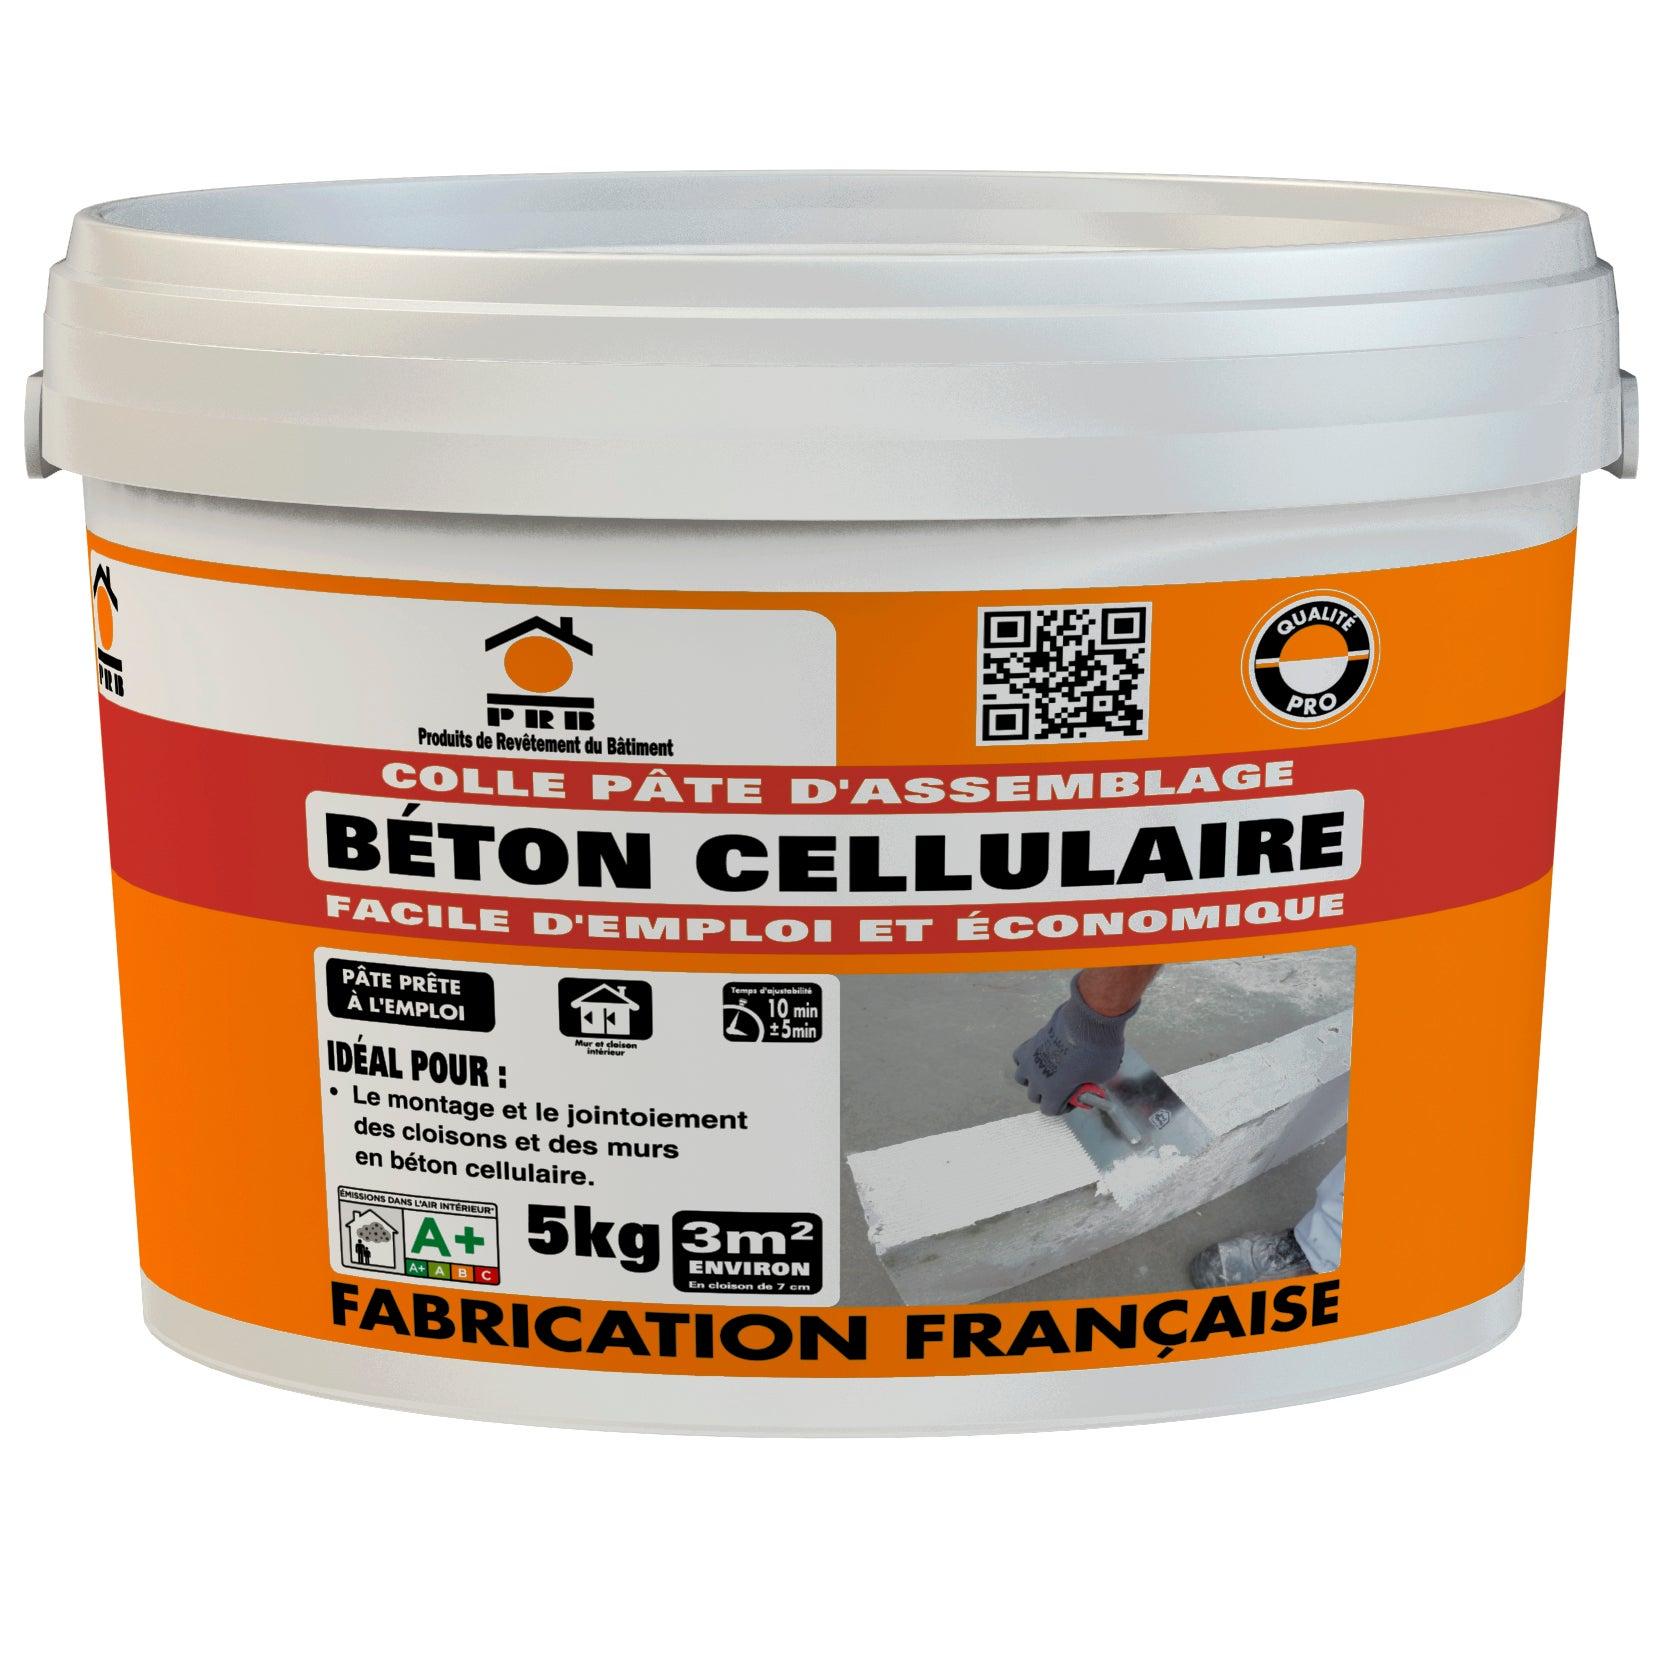 Colle Pour Beton Cellulaire Prb 5 Kg Leroy Merlin